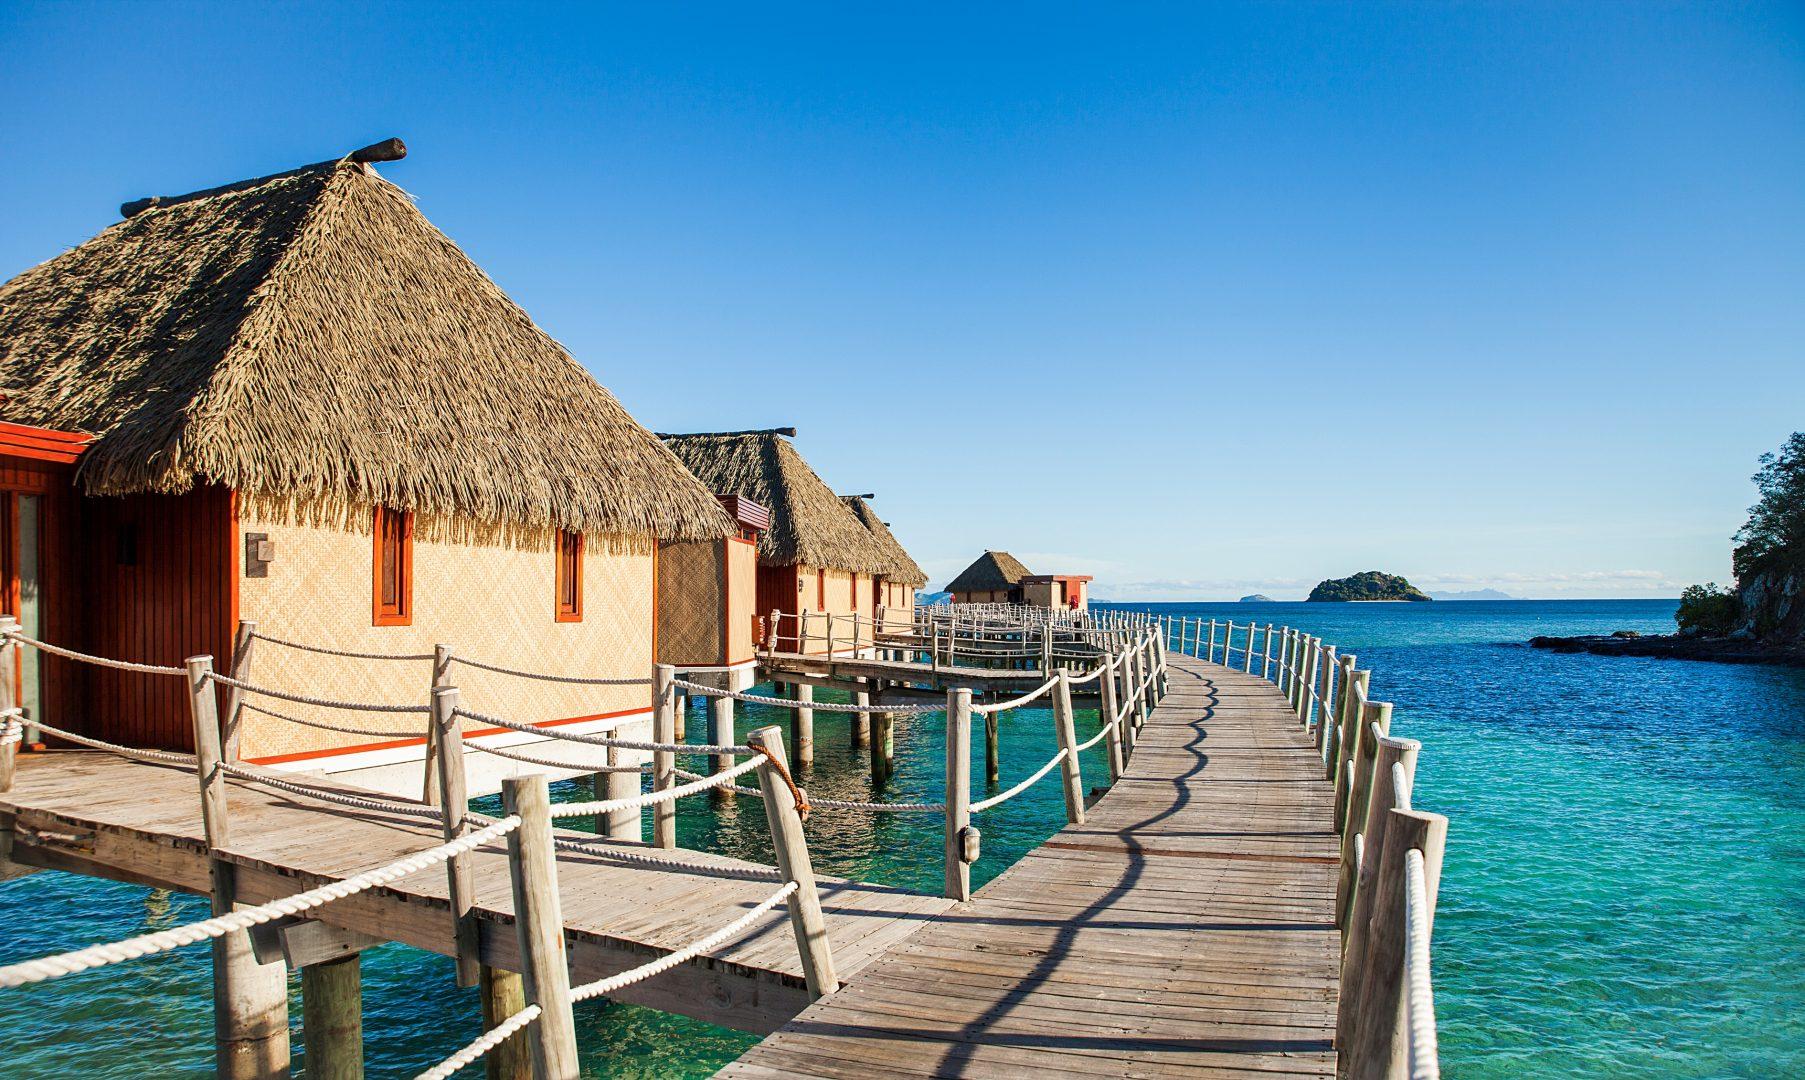 5c1399fb84a16-likuliku_lagoon_resort_5